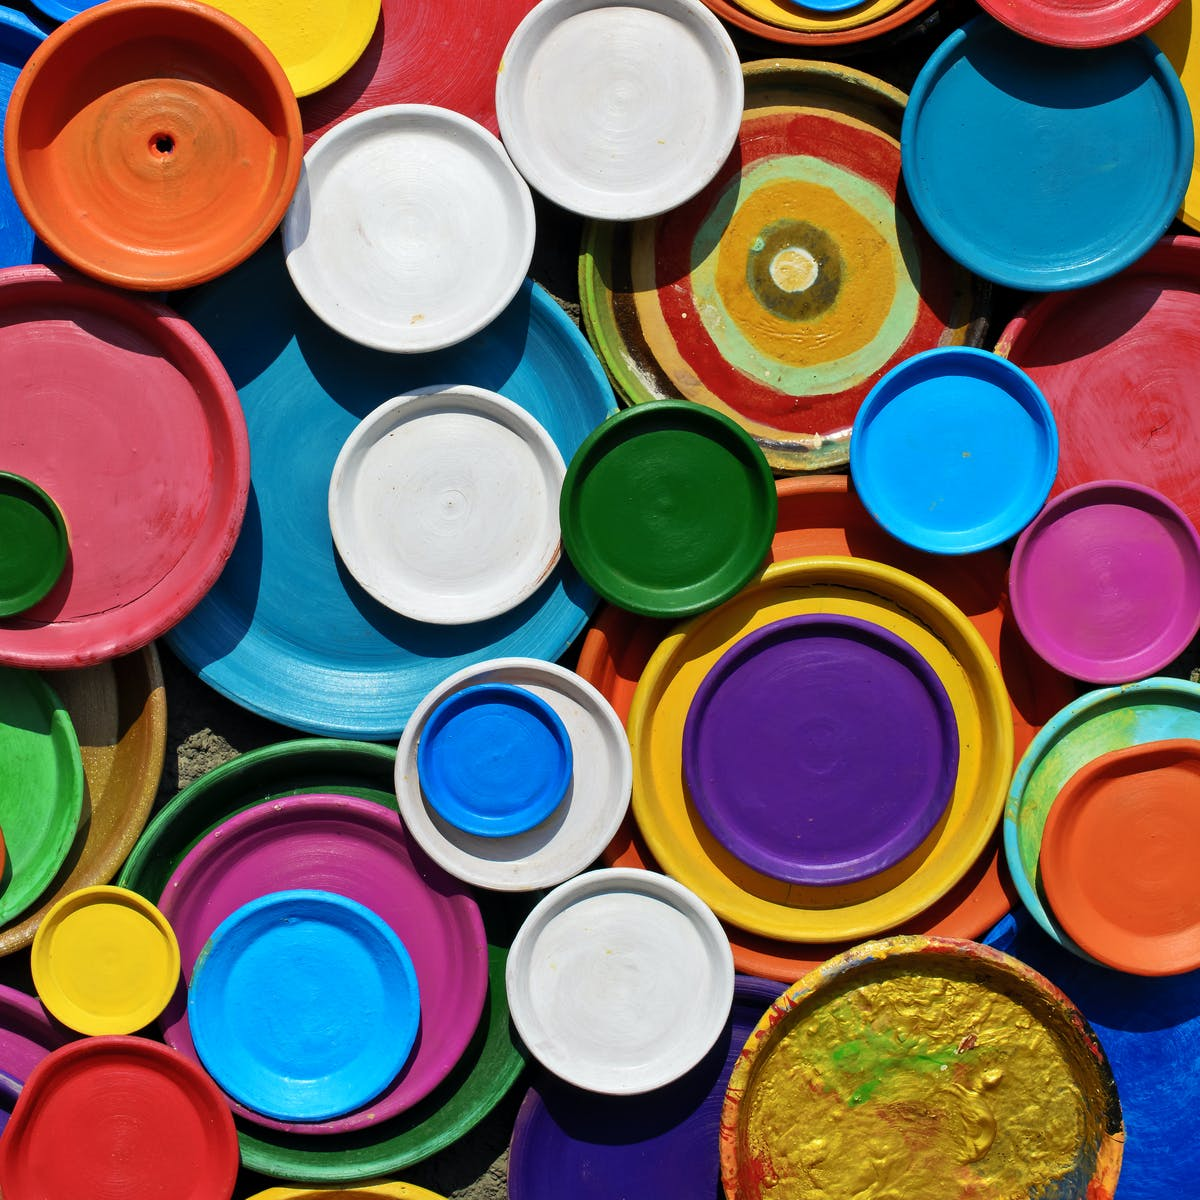 multicoloured ceramic plates